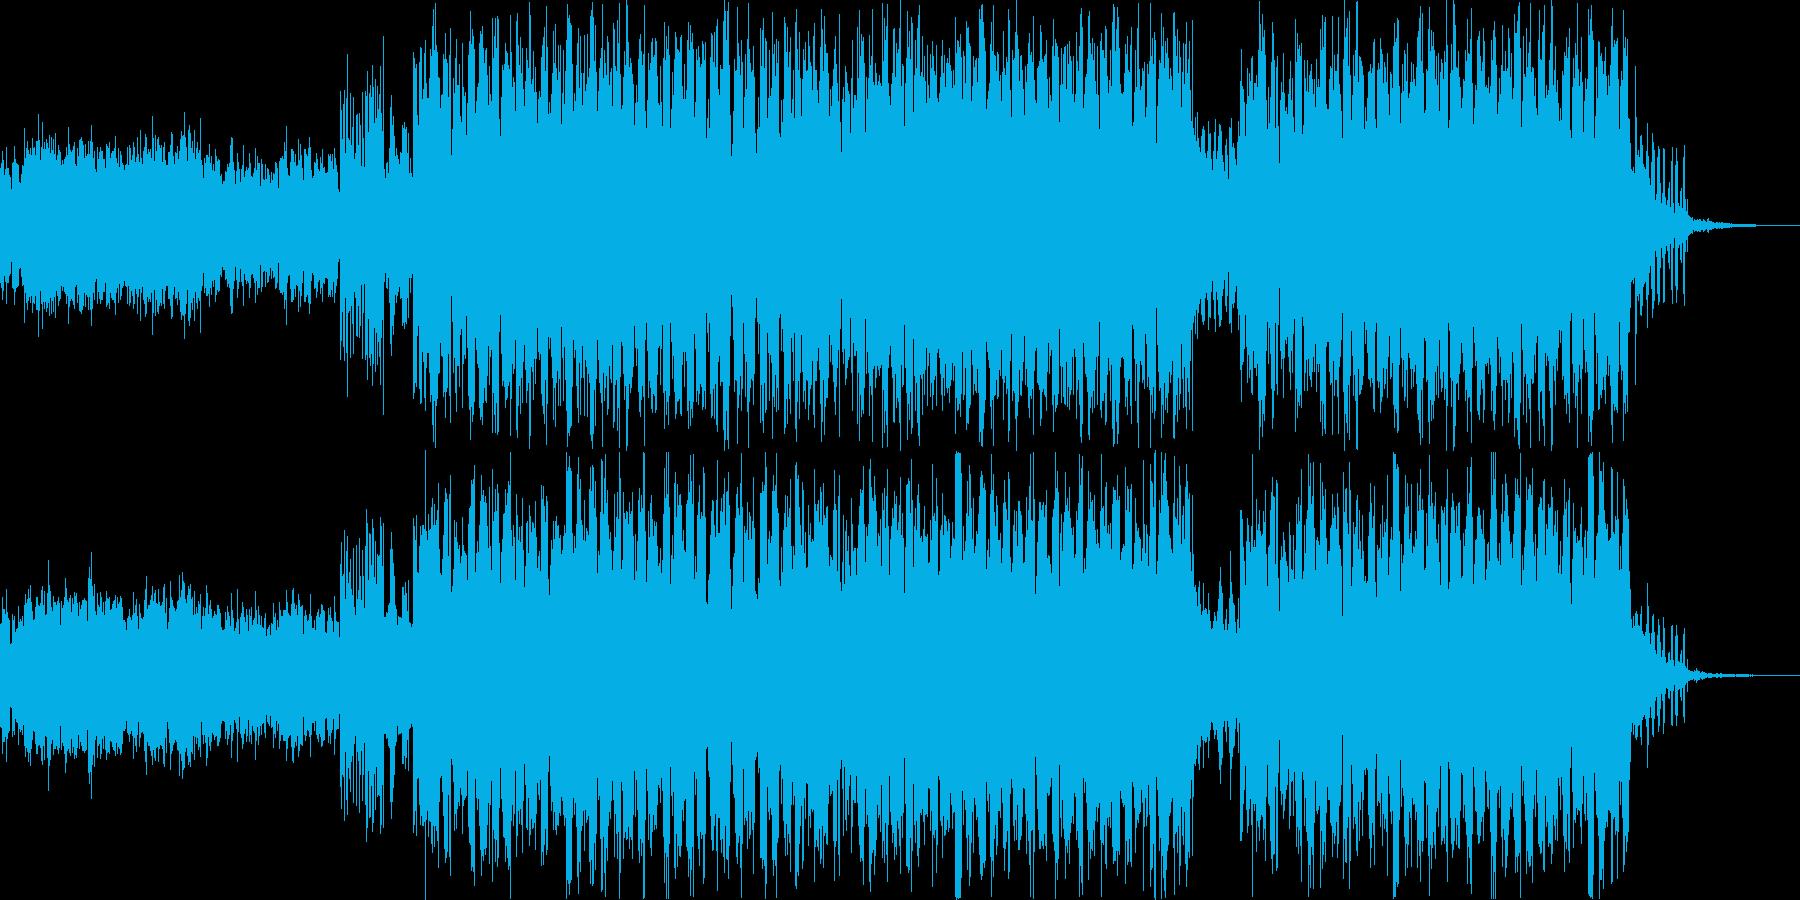 Lo-Fi HipHopの再生済みの波形